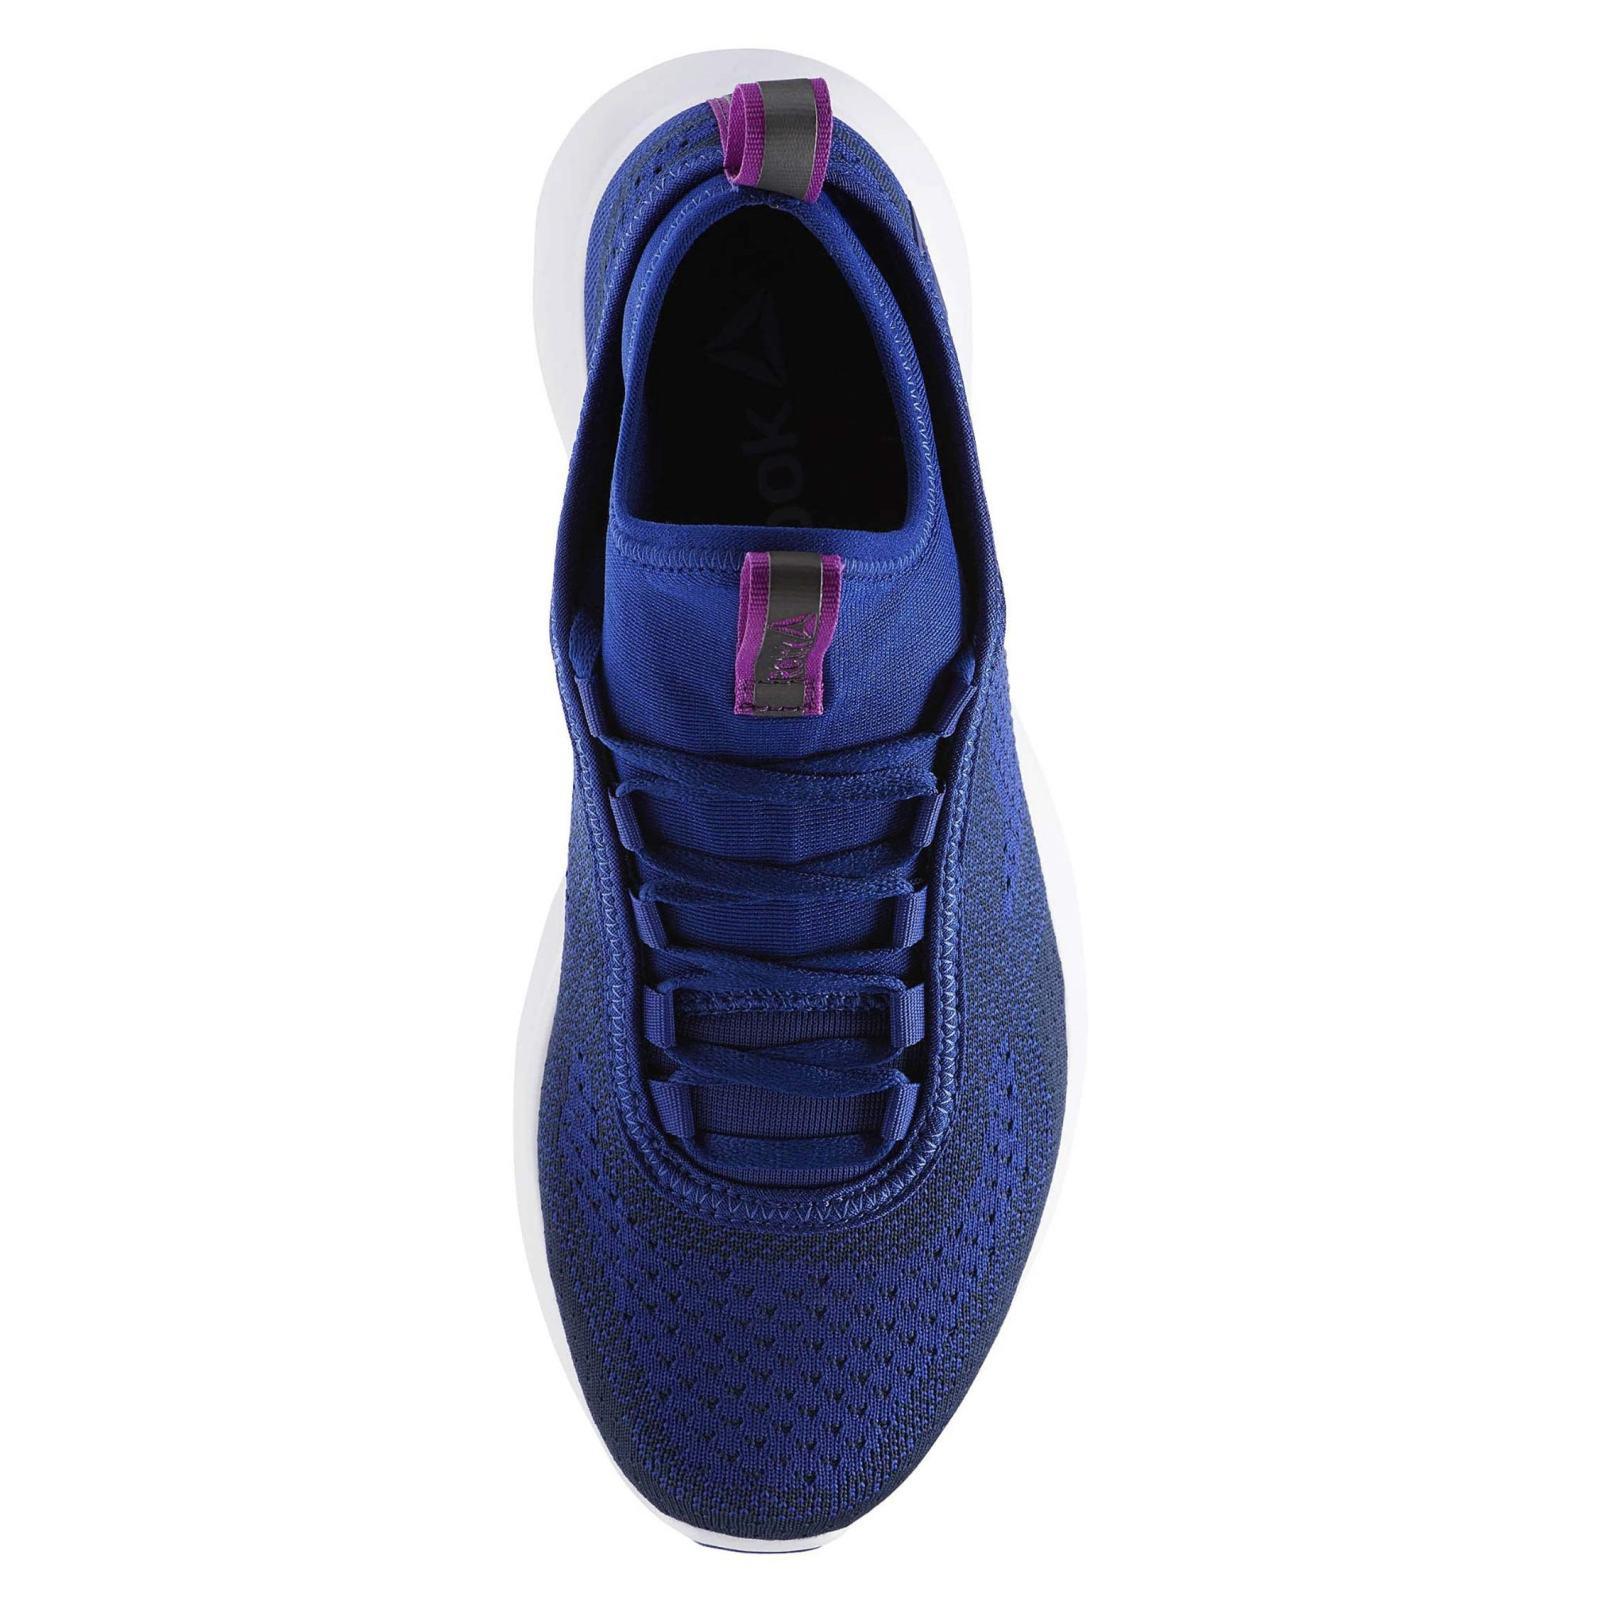 کفش دویدن بندی زنانه Plus Runner Ultraknit - ریباک - آبي - 5